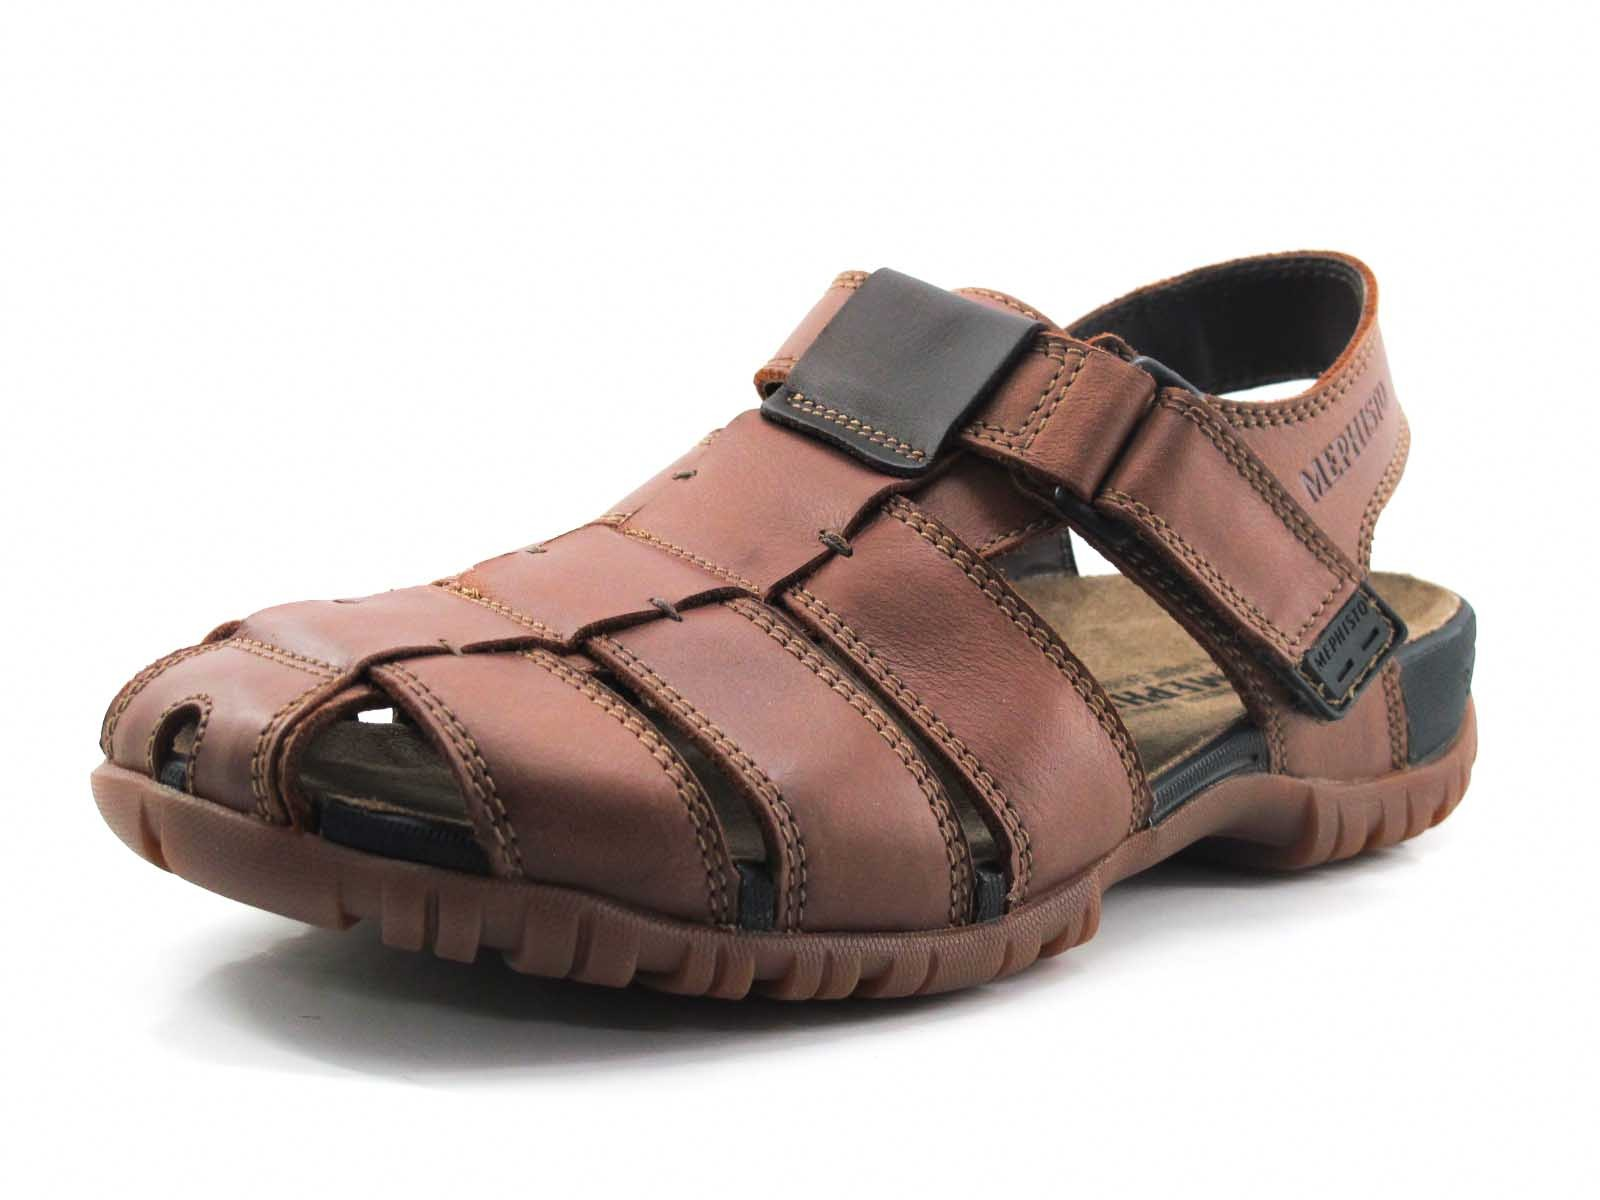 62bd4f0e4f9 Comprar Sandalia Mephisto Basile marrón Dino Zapatos